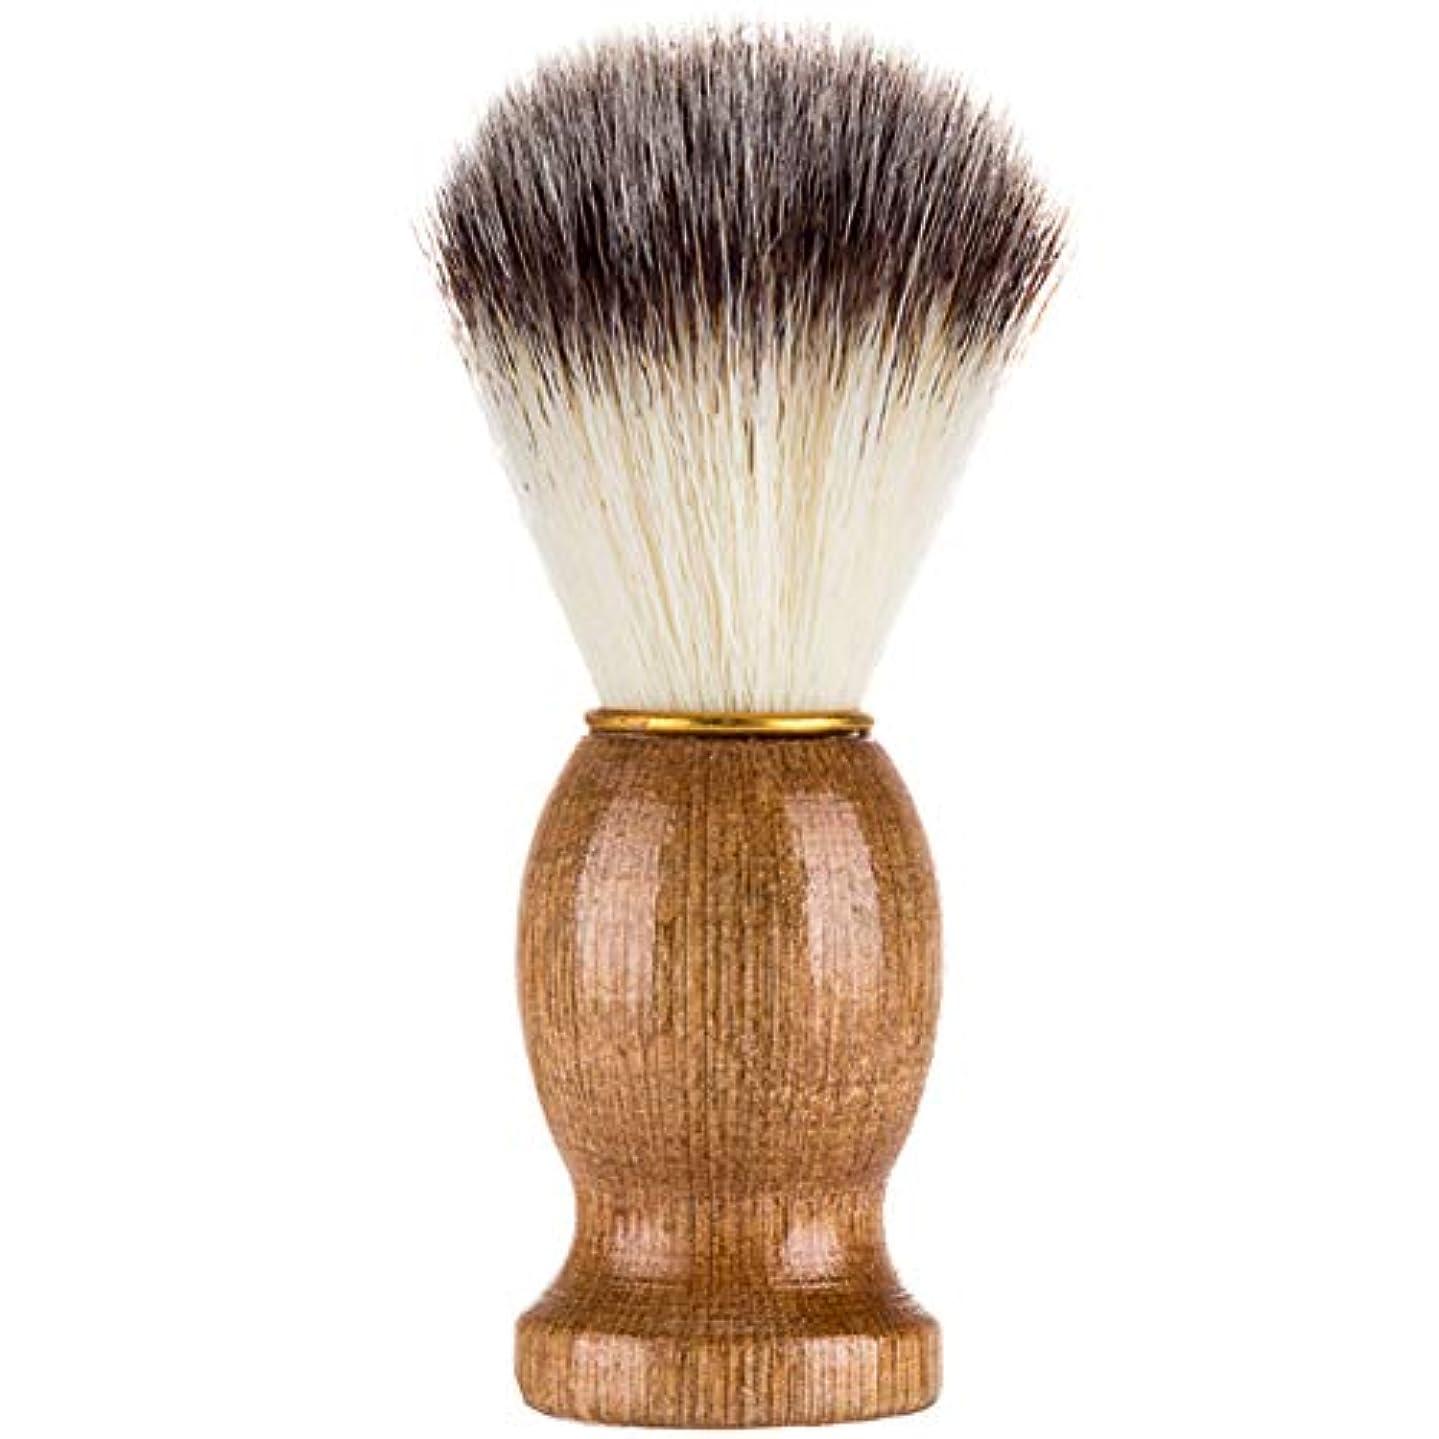 損失であること噴水CoolTack シェービングブラシ、シェービングブラシ、男性シェービングブラシシェービングかみそりブラシサロン理髪店用ツールひげ剃り用品